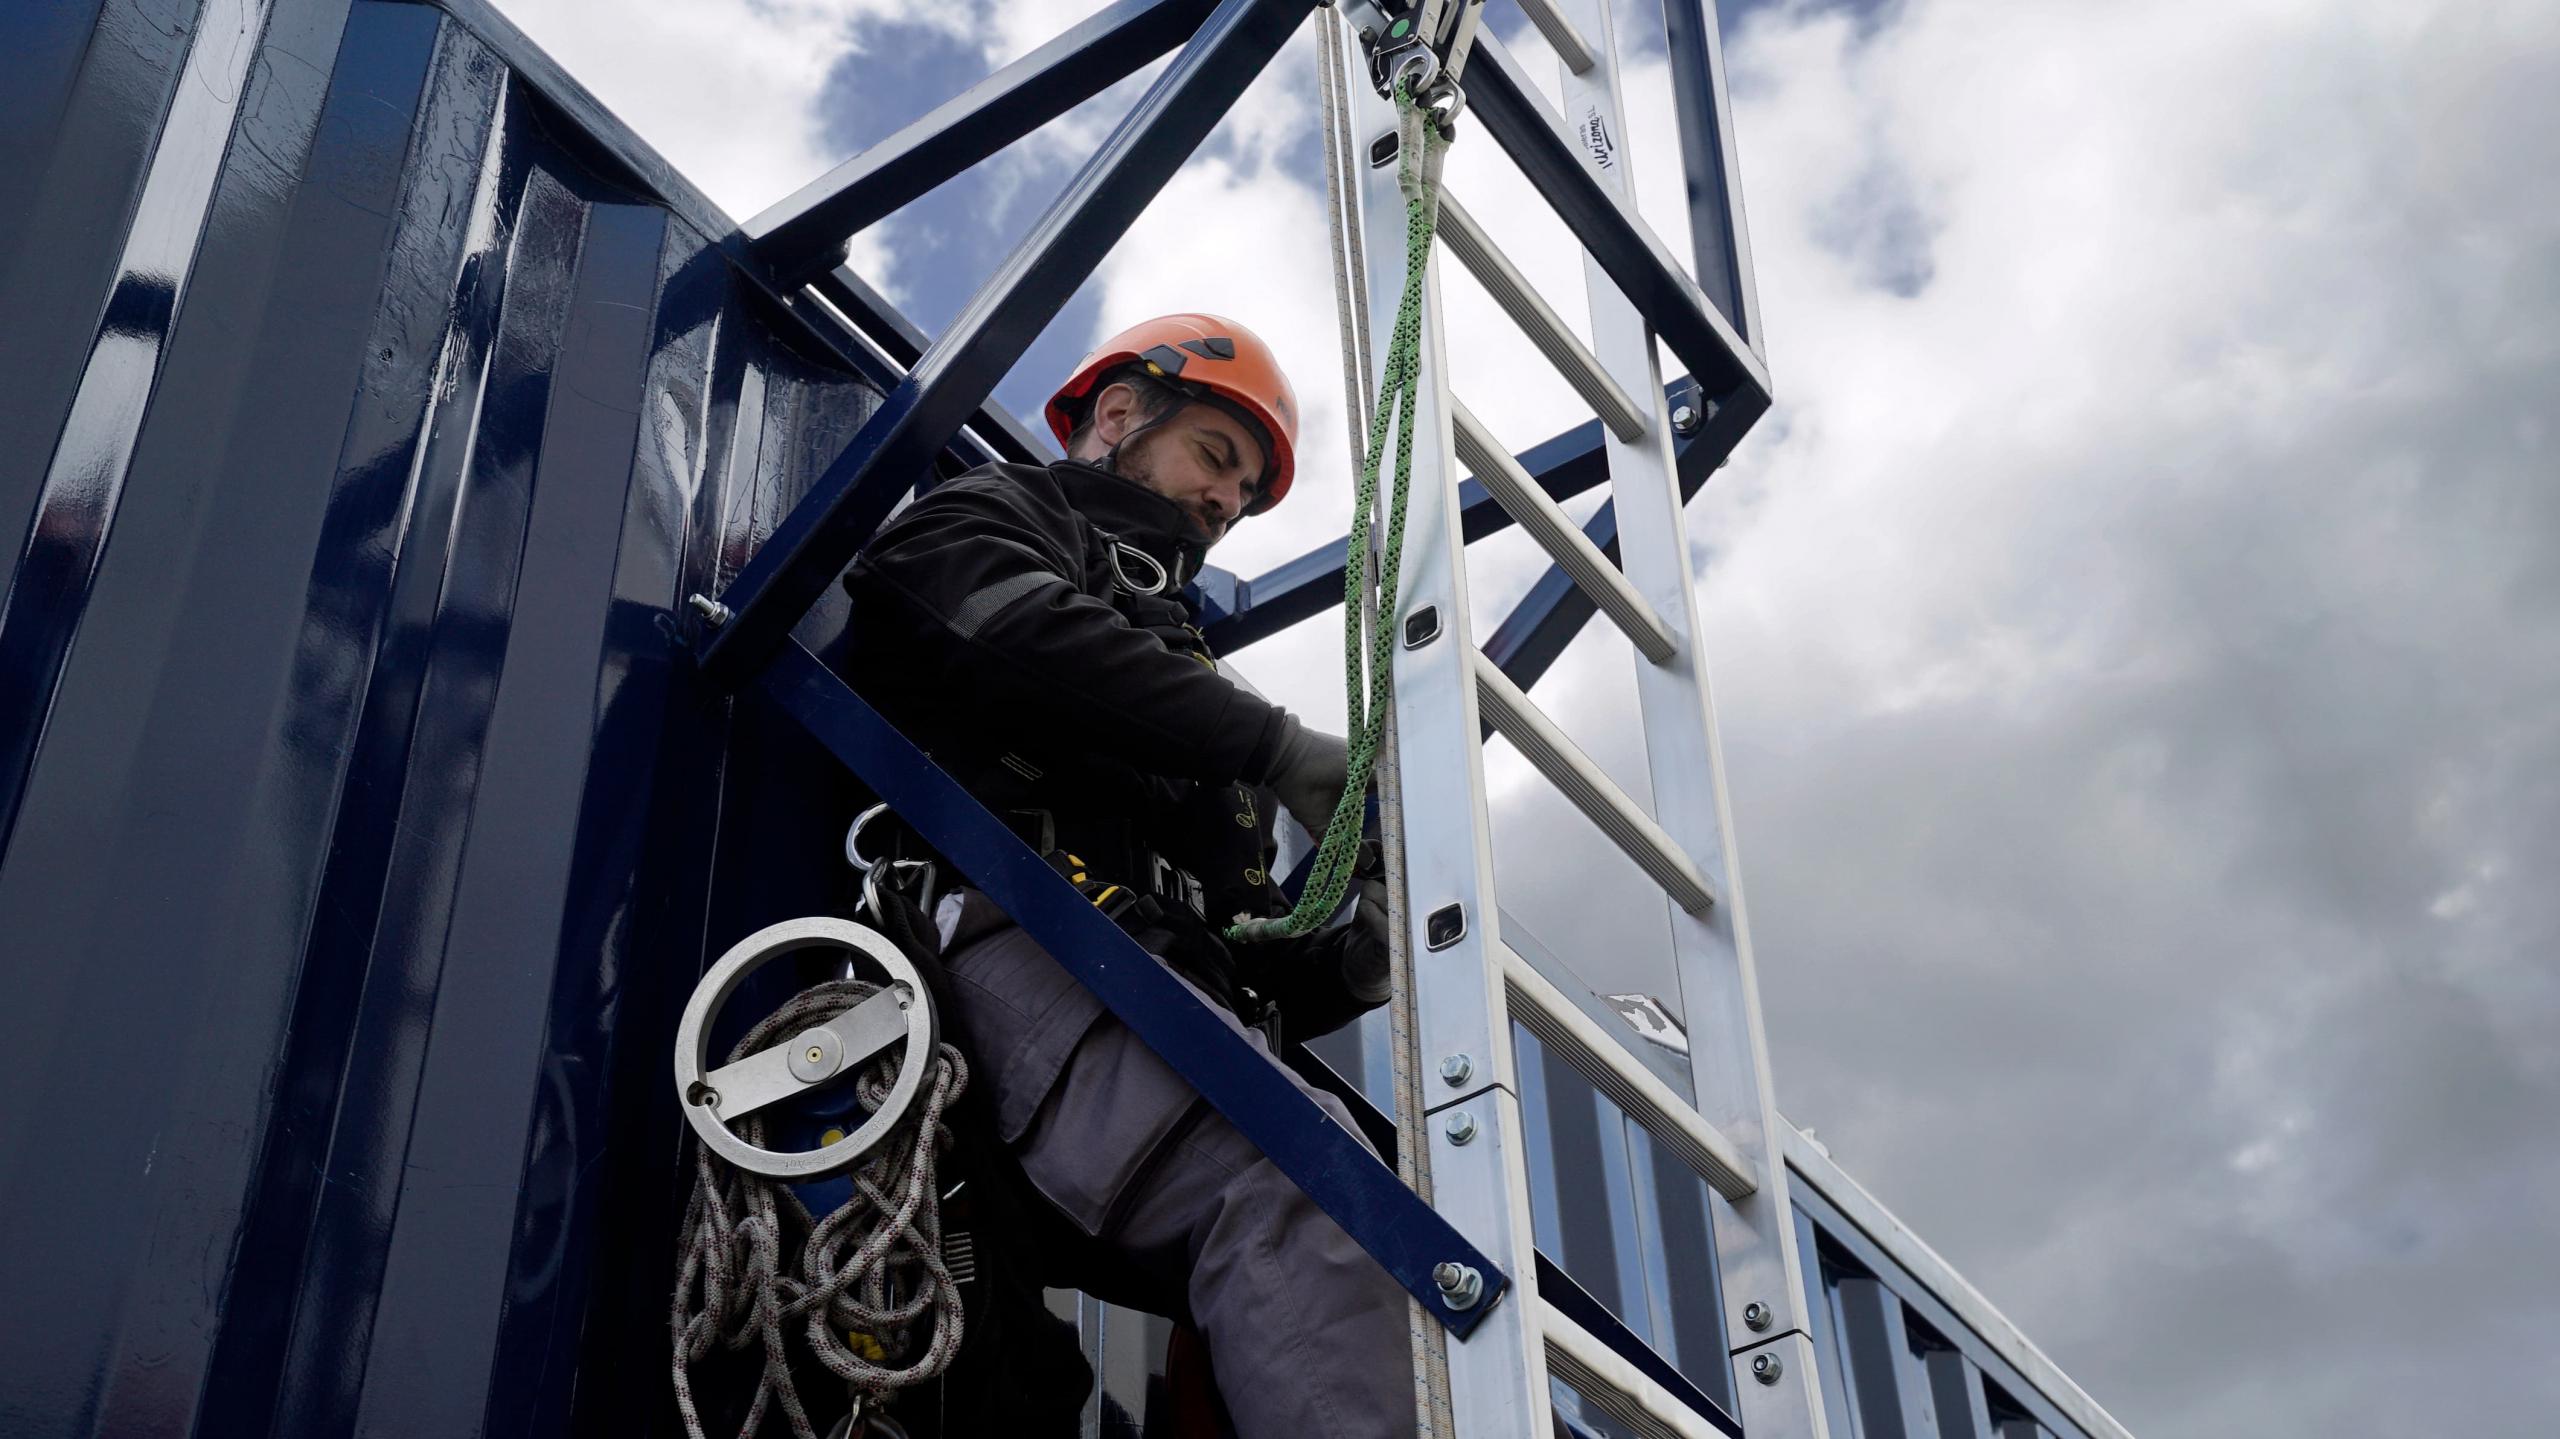 Rescate escalera GWO Tesicnor